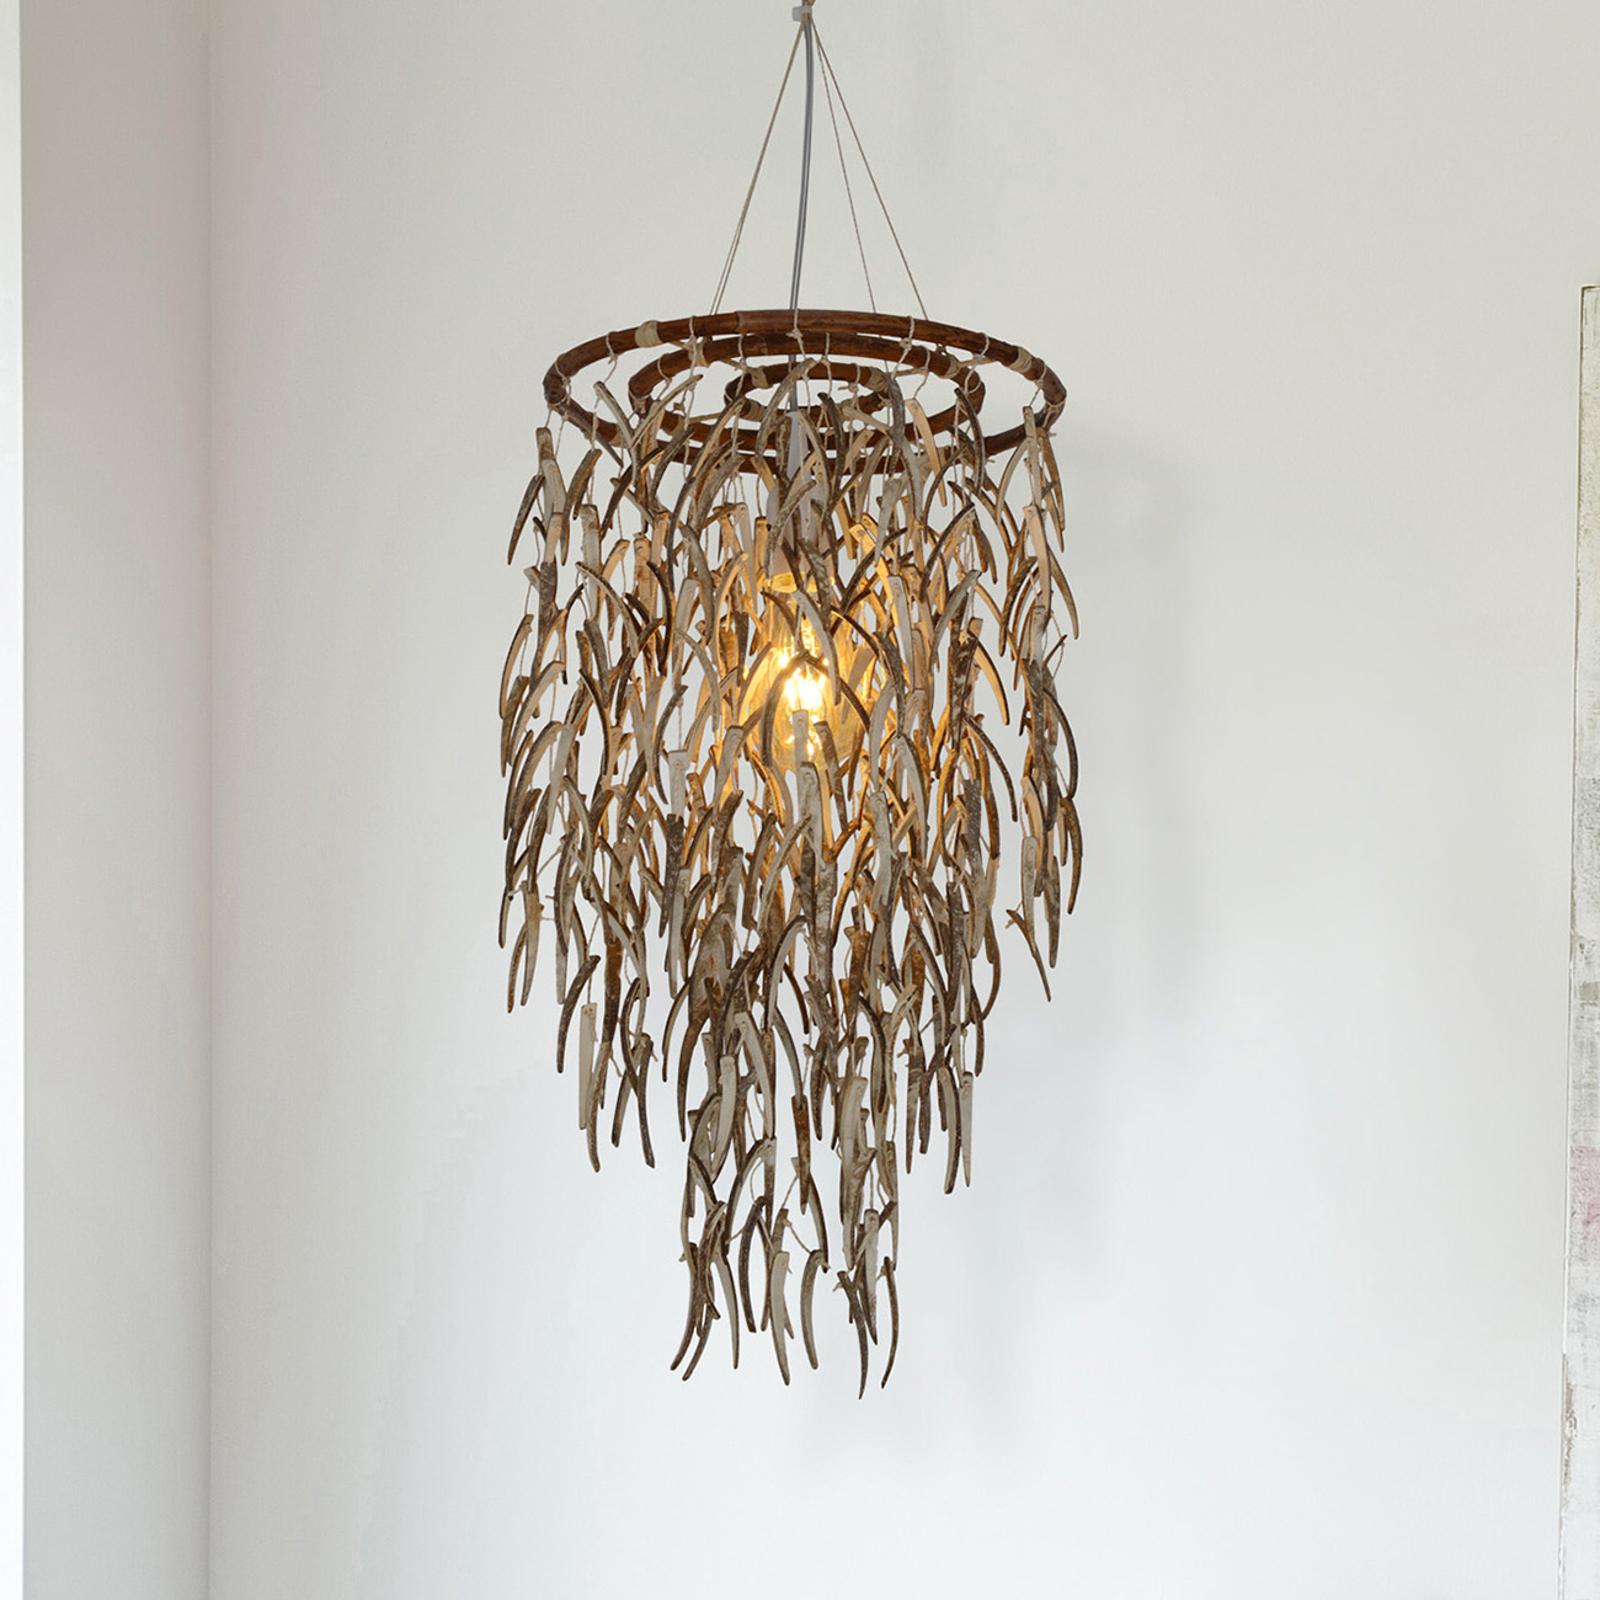 Hanglamp Kokos van natuurlijke materialen, 50 cm